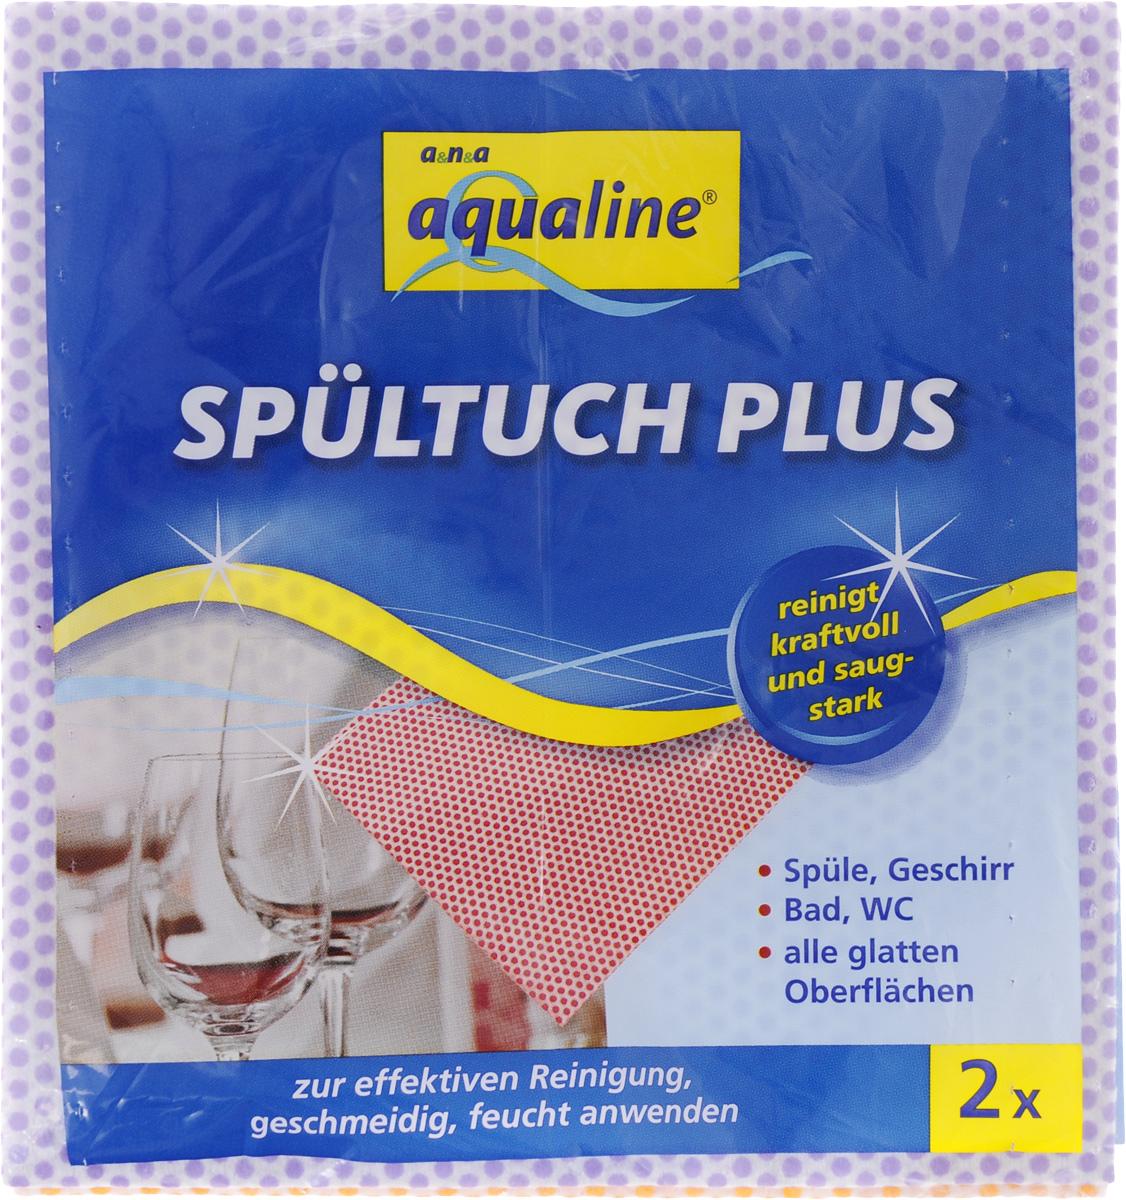 Салфетка Aqualine Plus для посуды и домашнего хозяйства, цвет: оранжевый, сиреневый, 35 х 38 см, 2 шт2058_оранжевый,сиреневыйМягкая салфетка Aqualine Plus обладает высокими чистящими свойствами за счет специальных точек, которые находятся на поверхности ткани. Она прекрасно подходит как для мытья посуды, так и для уборки поверхностей на кухне и в ванной комнате. Благодаря рифленой структуре салфетка удаляет даже самые сильные загрязнения, хорошо впитывая жидкость, не оставляя ворсинок.Состав: 82% вискоза, 18% полипропилен.